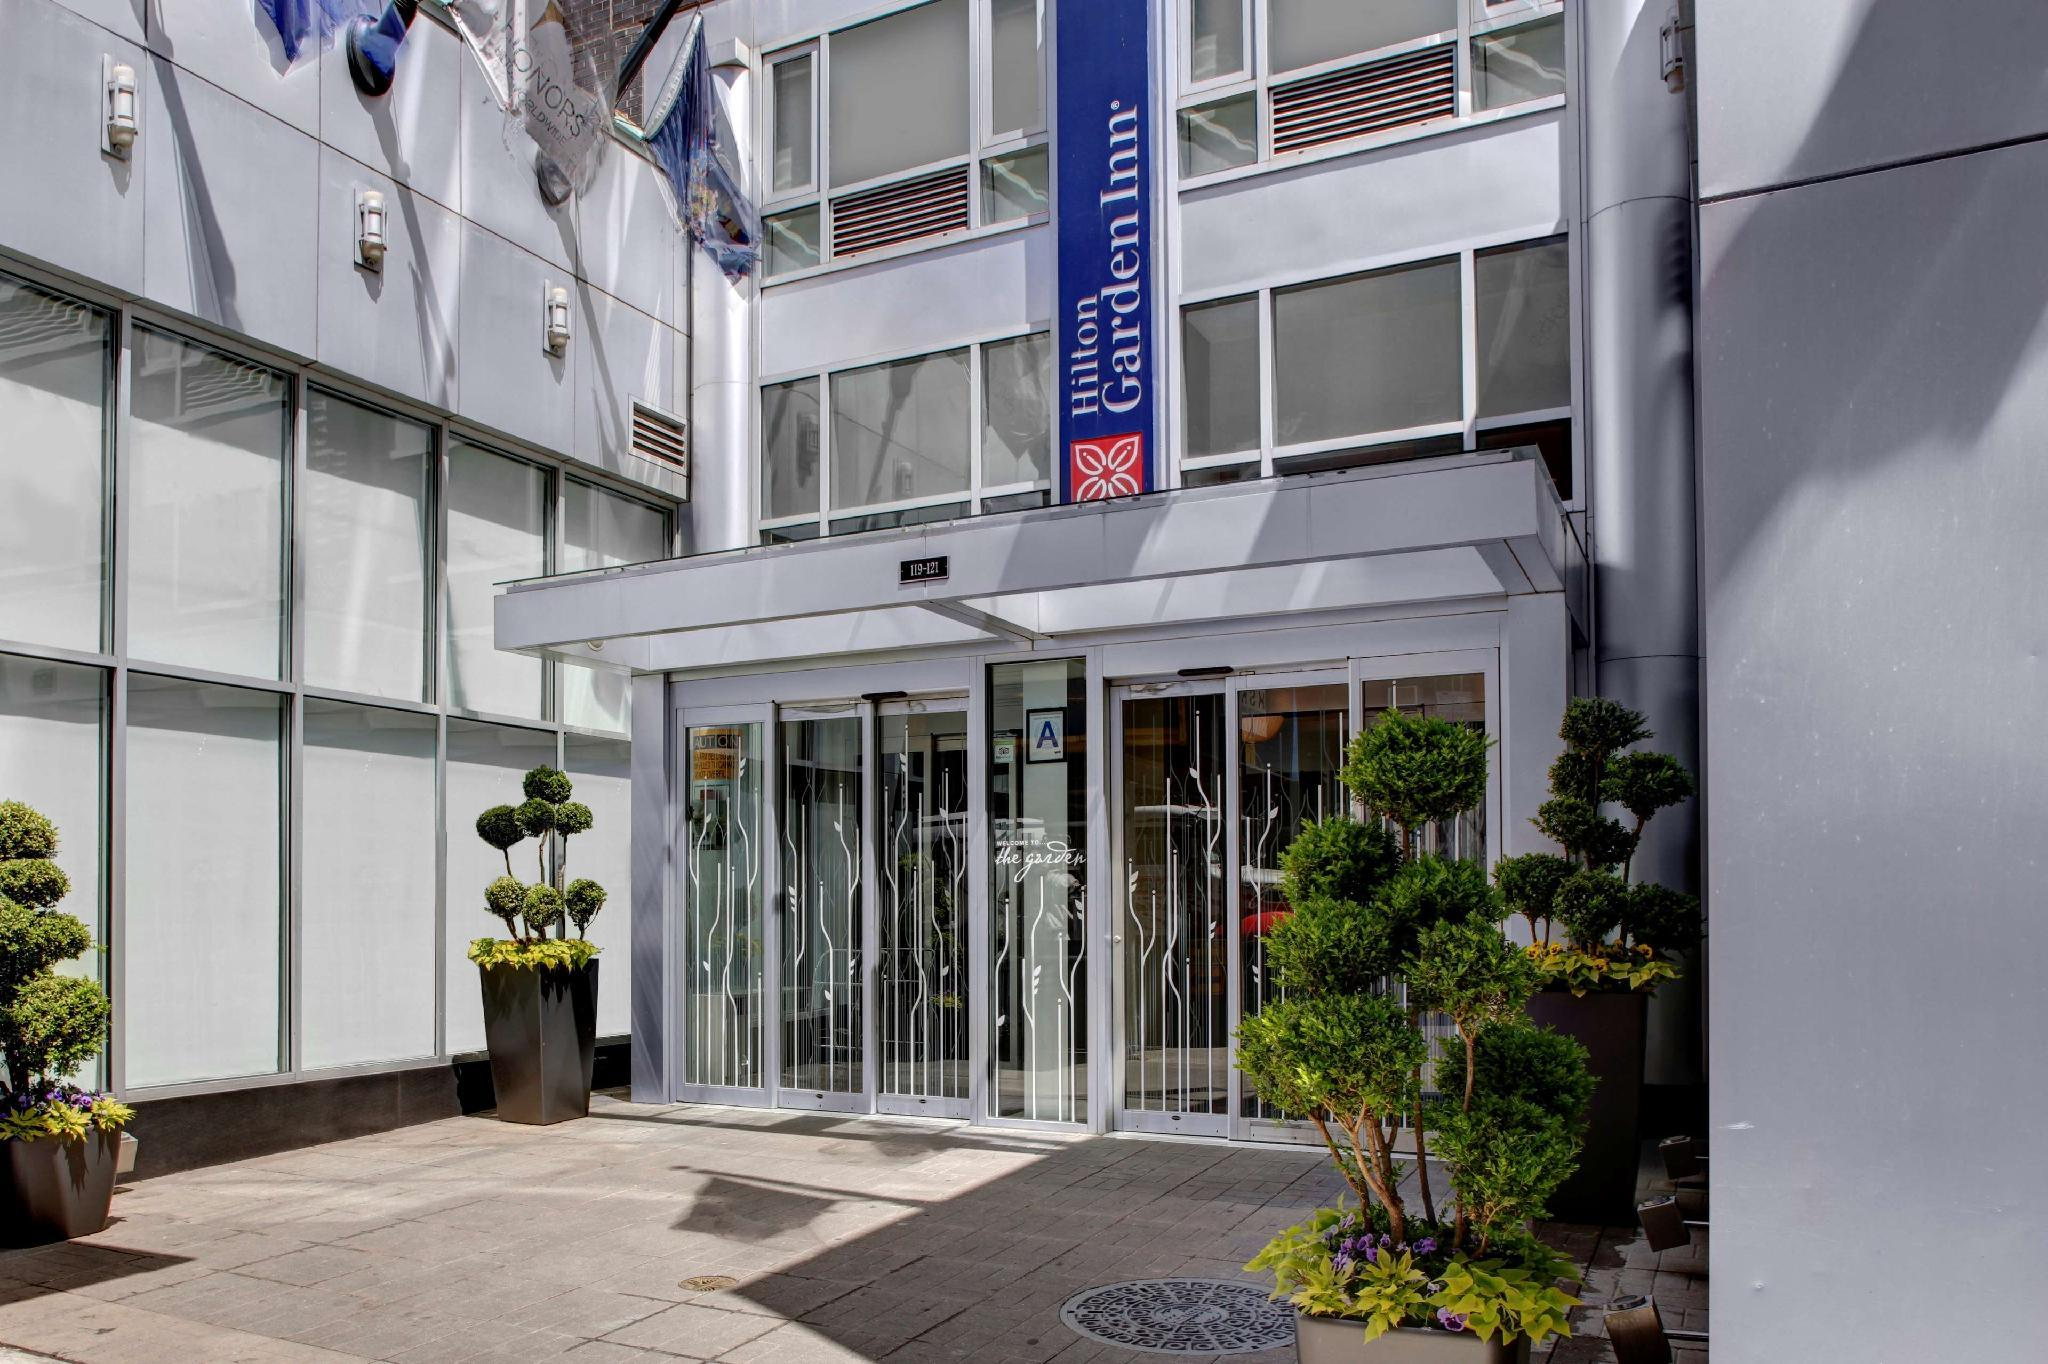 Hilton Garden Inn New York Chelsea